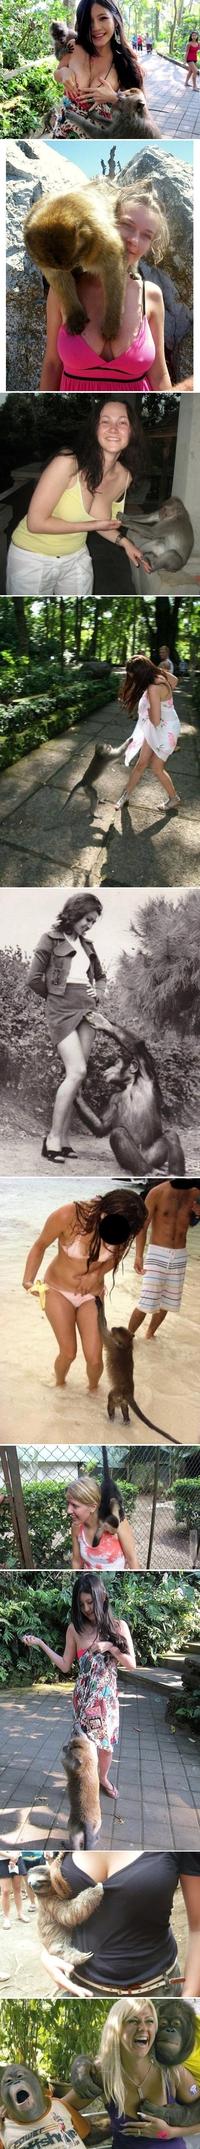 Les singes, ces obsédés